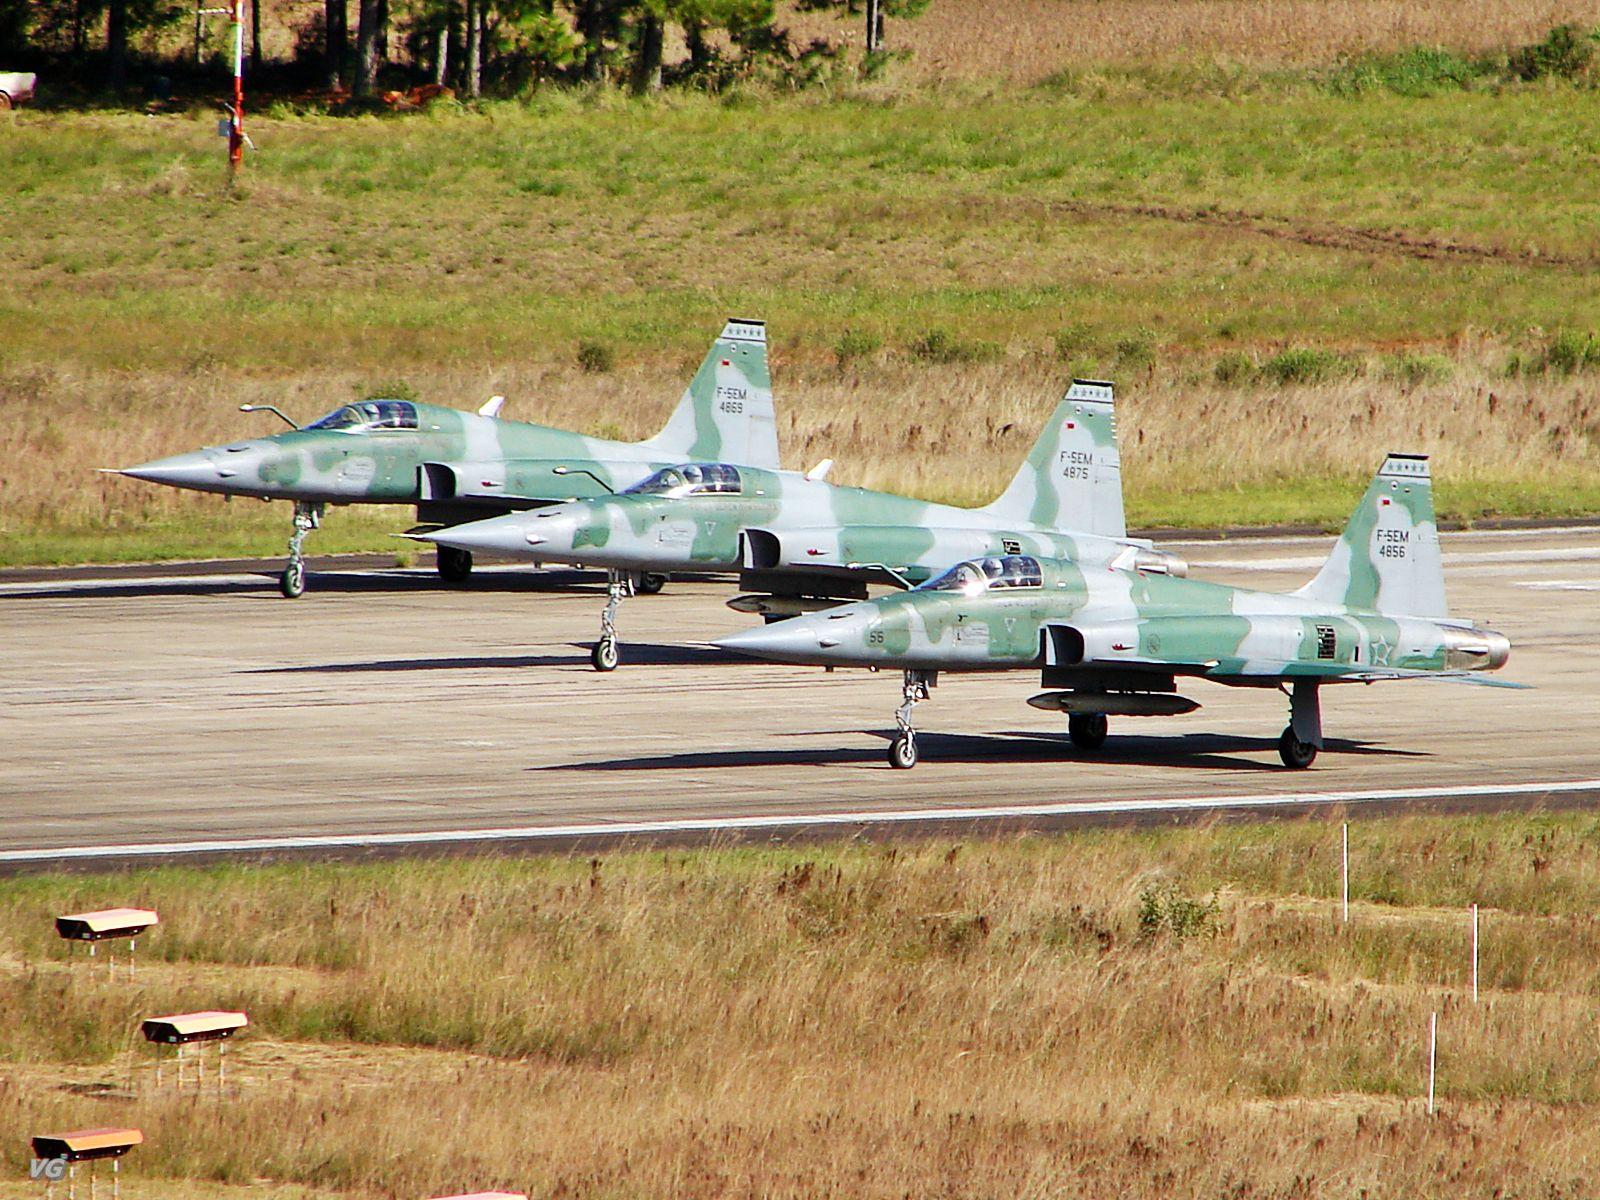 http://www.aereo.jor.br/wp-content/uploads/2009/01/f-5em-6.jpg